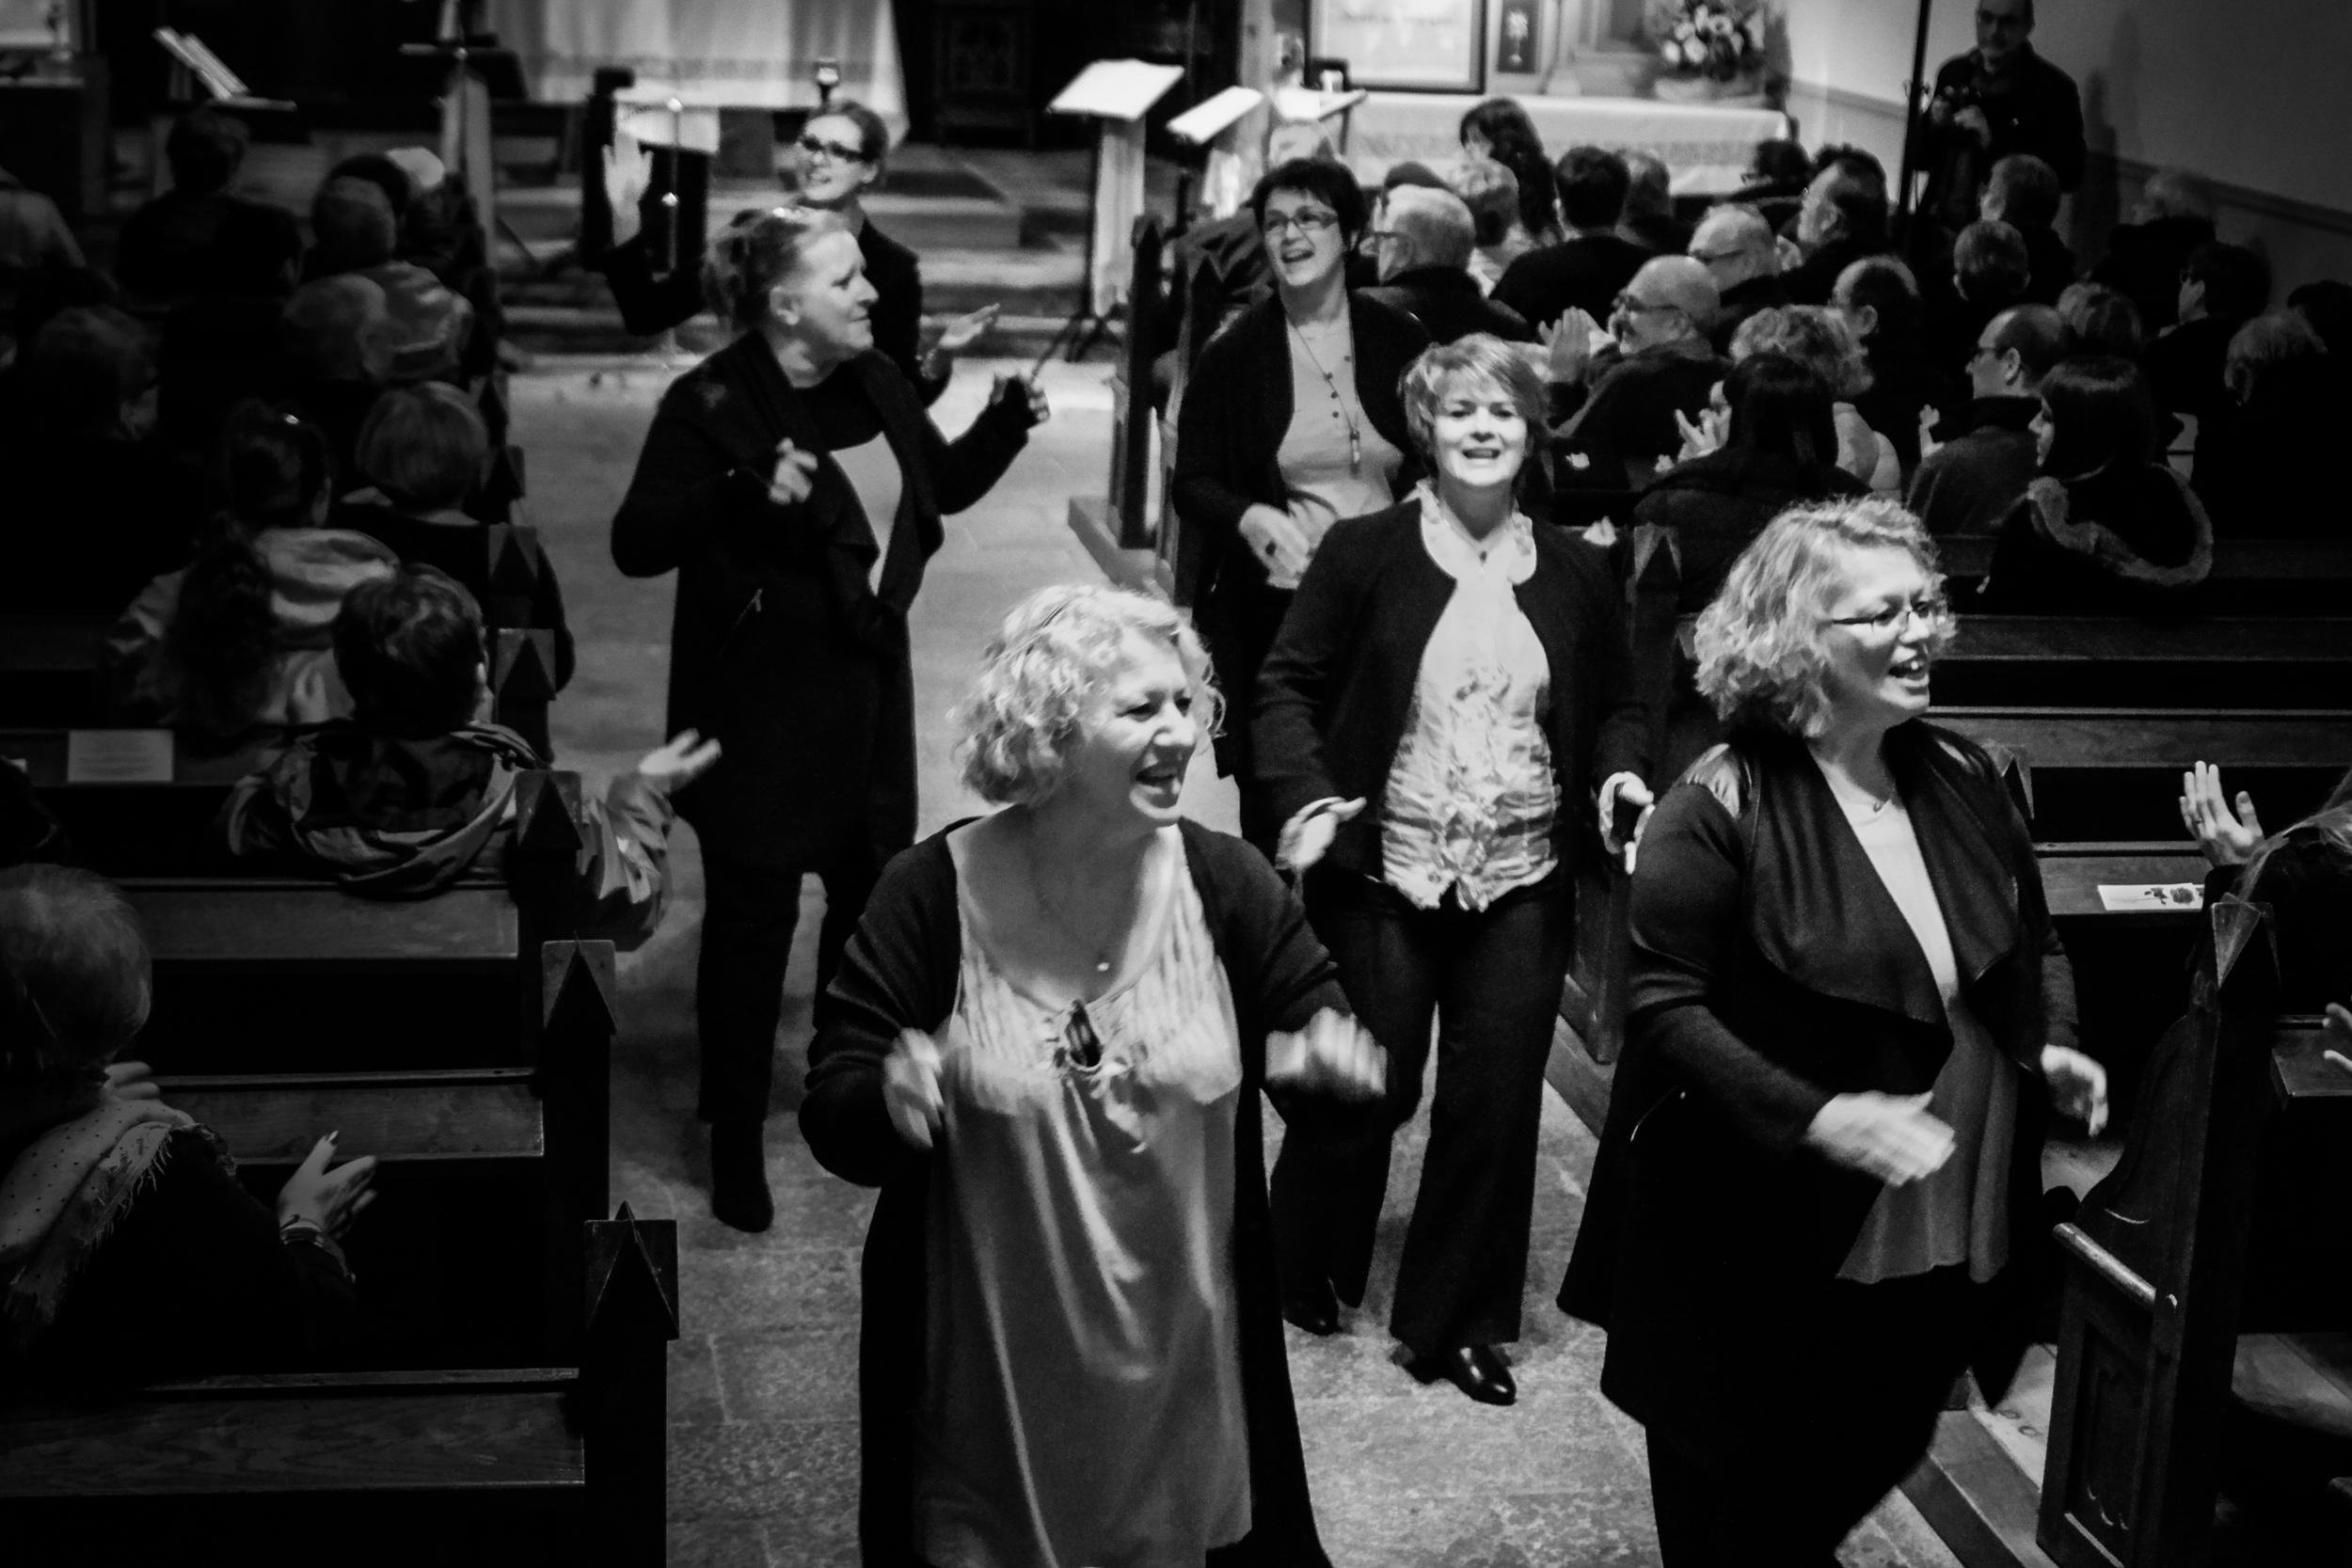 Vox Femina aime partager avec le public, et transmettre des émotions, que ce soit en concert ou dans des mariages, festivals, animations...